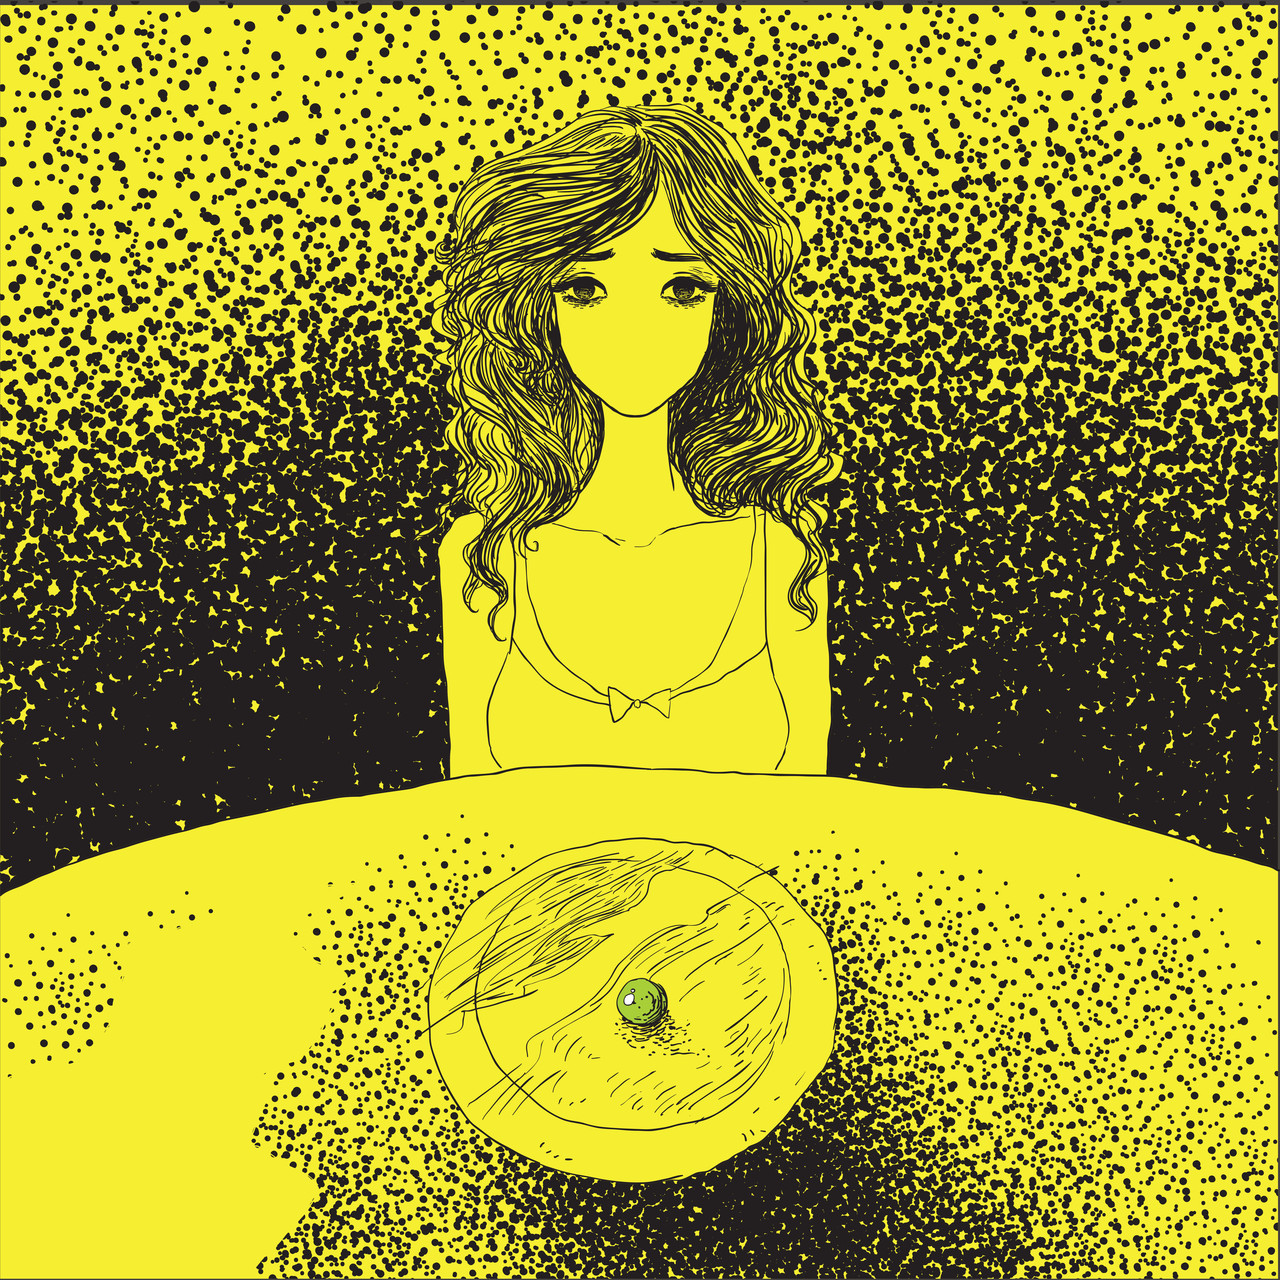 Anorexie a bulimie? Módní poruchou příjmu potravy je ortorexie